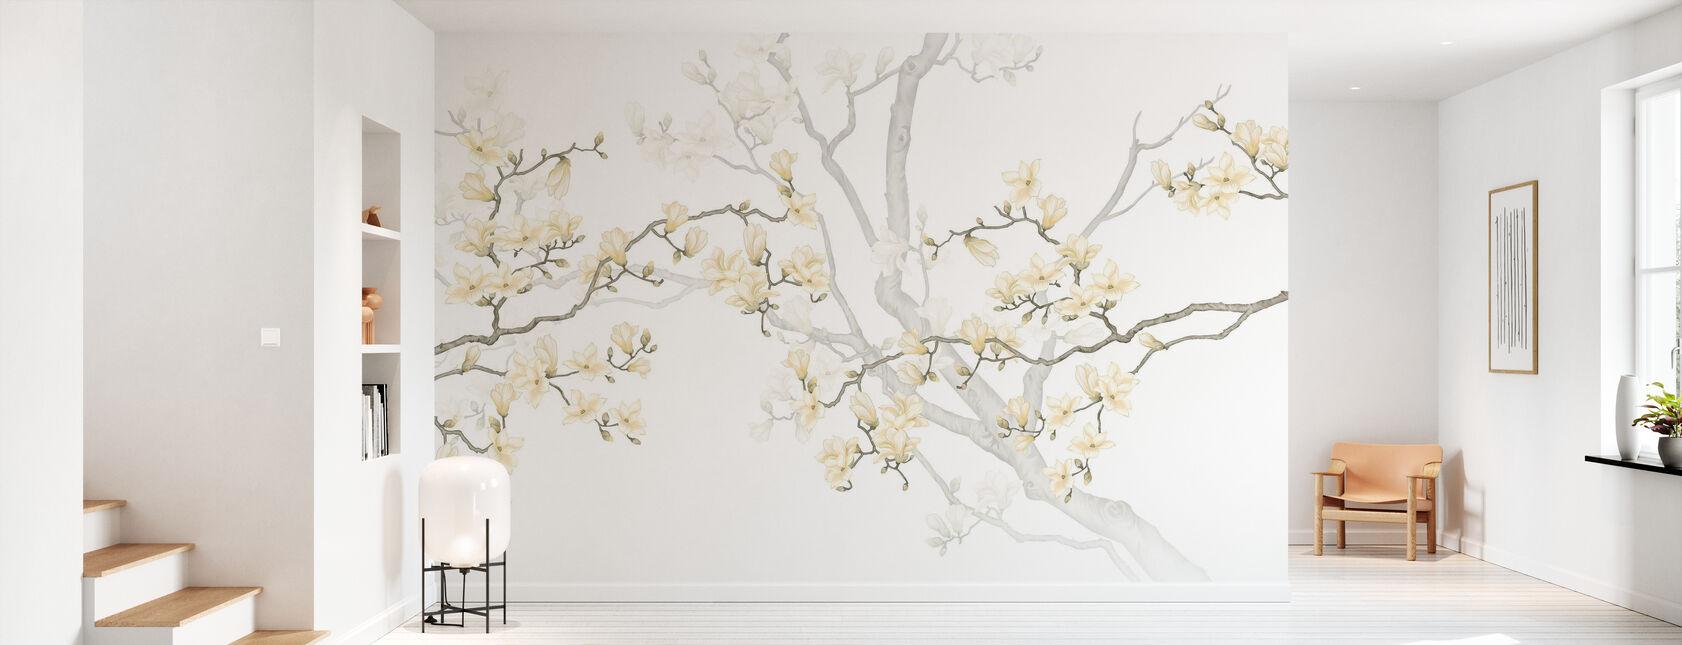 Quietism - Sand - Wallpaper - Hallway